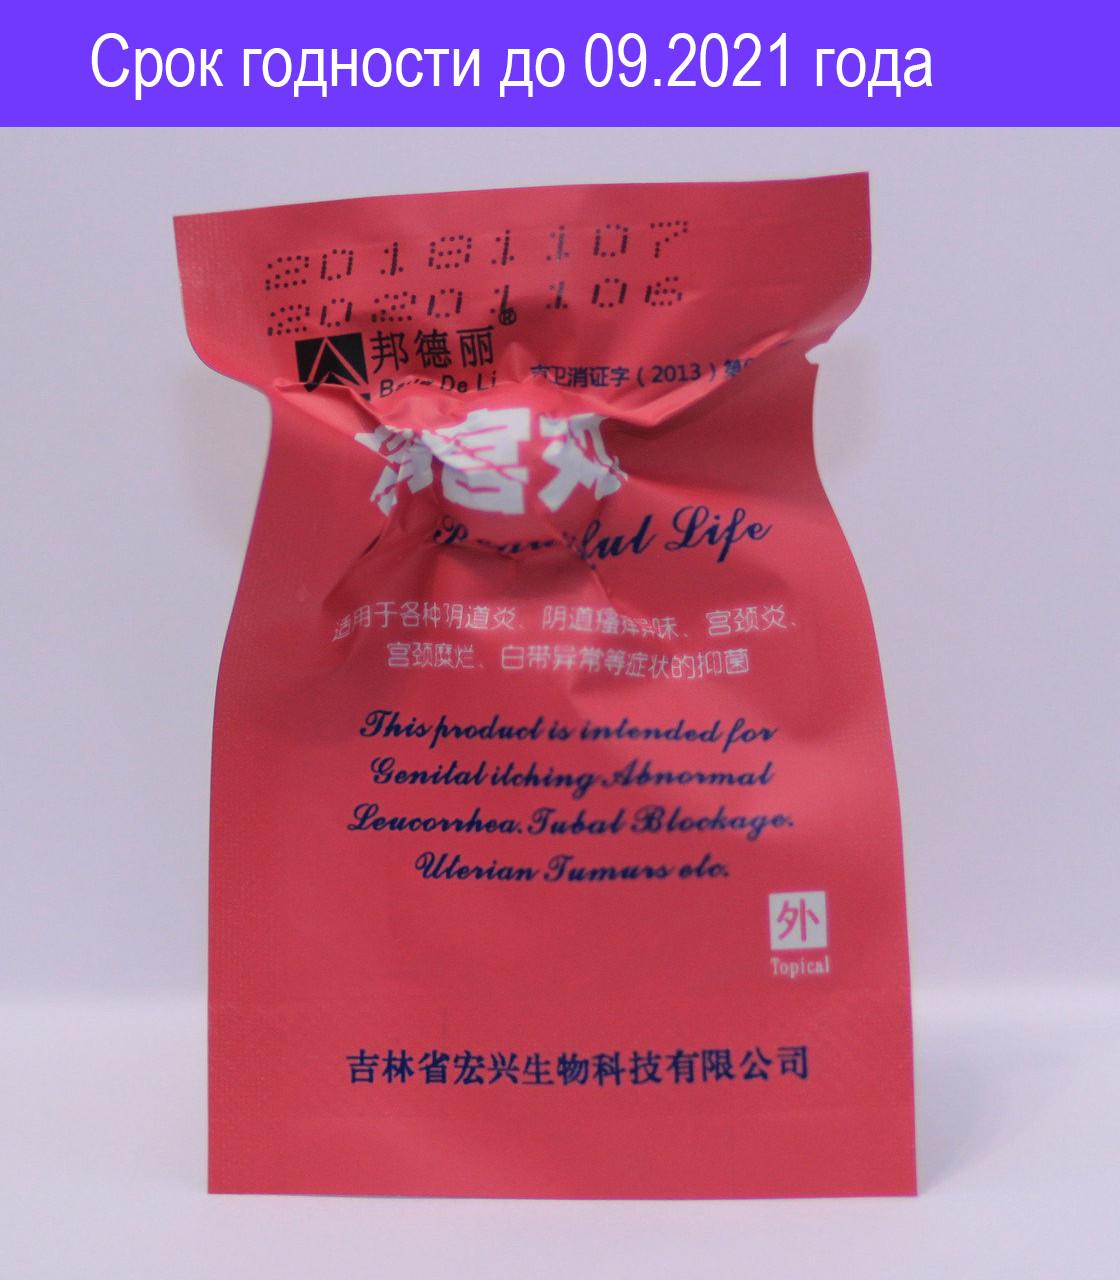 Лечебные тампоны beautiful life - вакуумная упаковка. Китайские тампоны - срок годности до 09.2021г